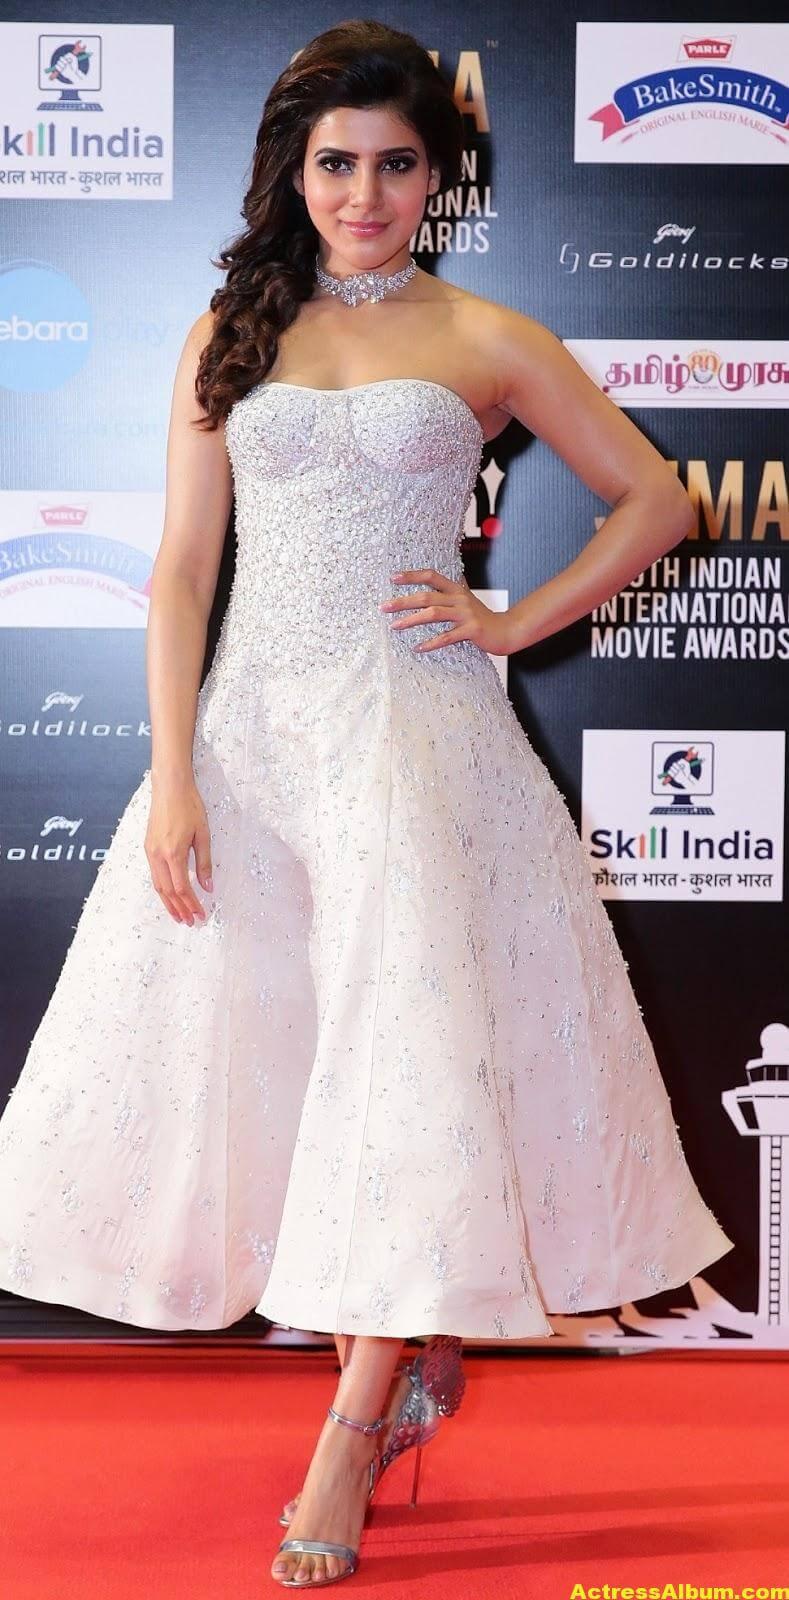 Samantha Photos In White Dress At SIIMA Awards